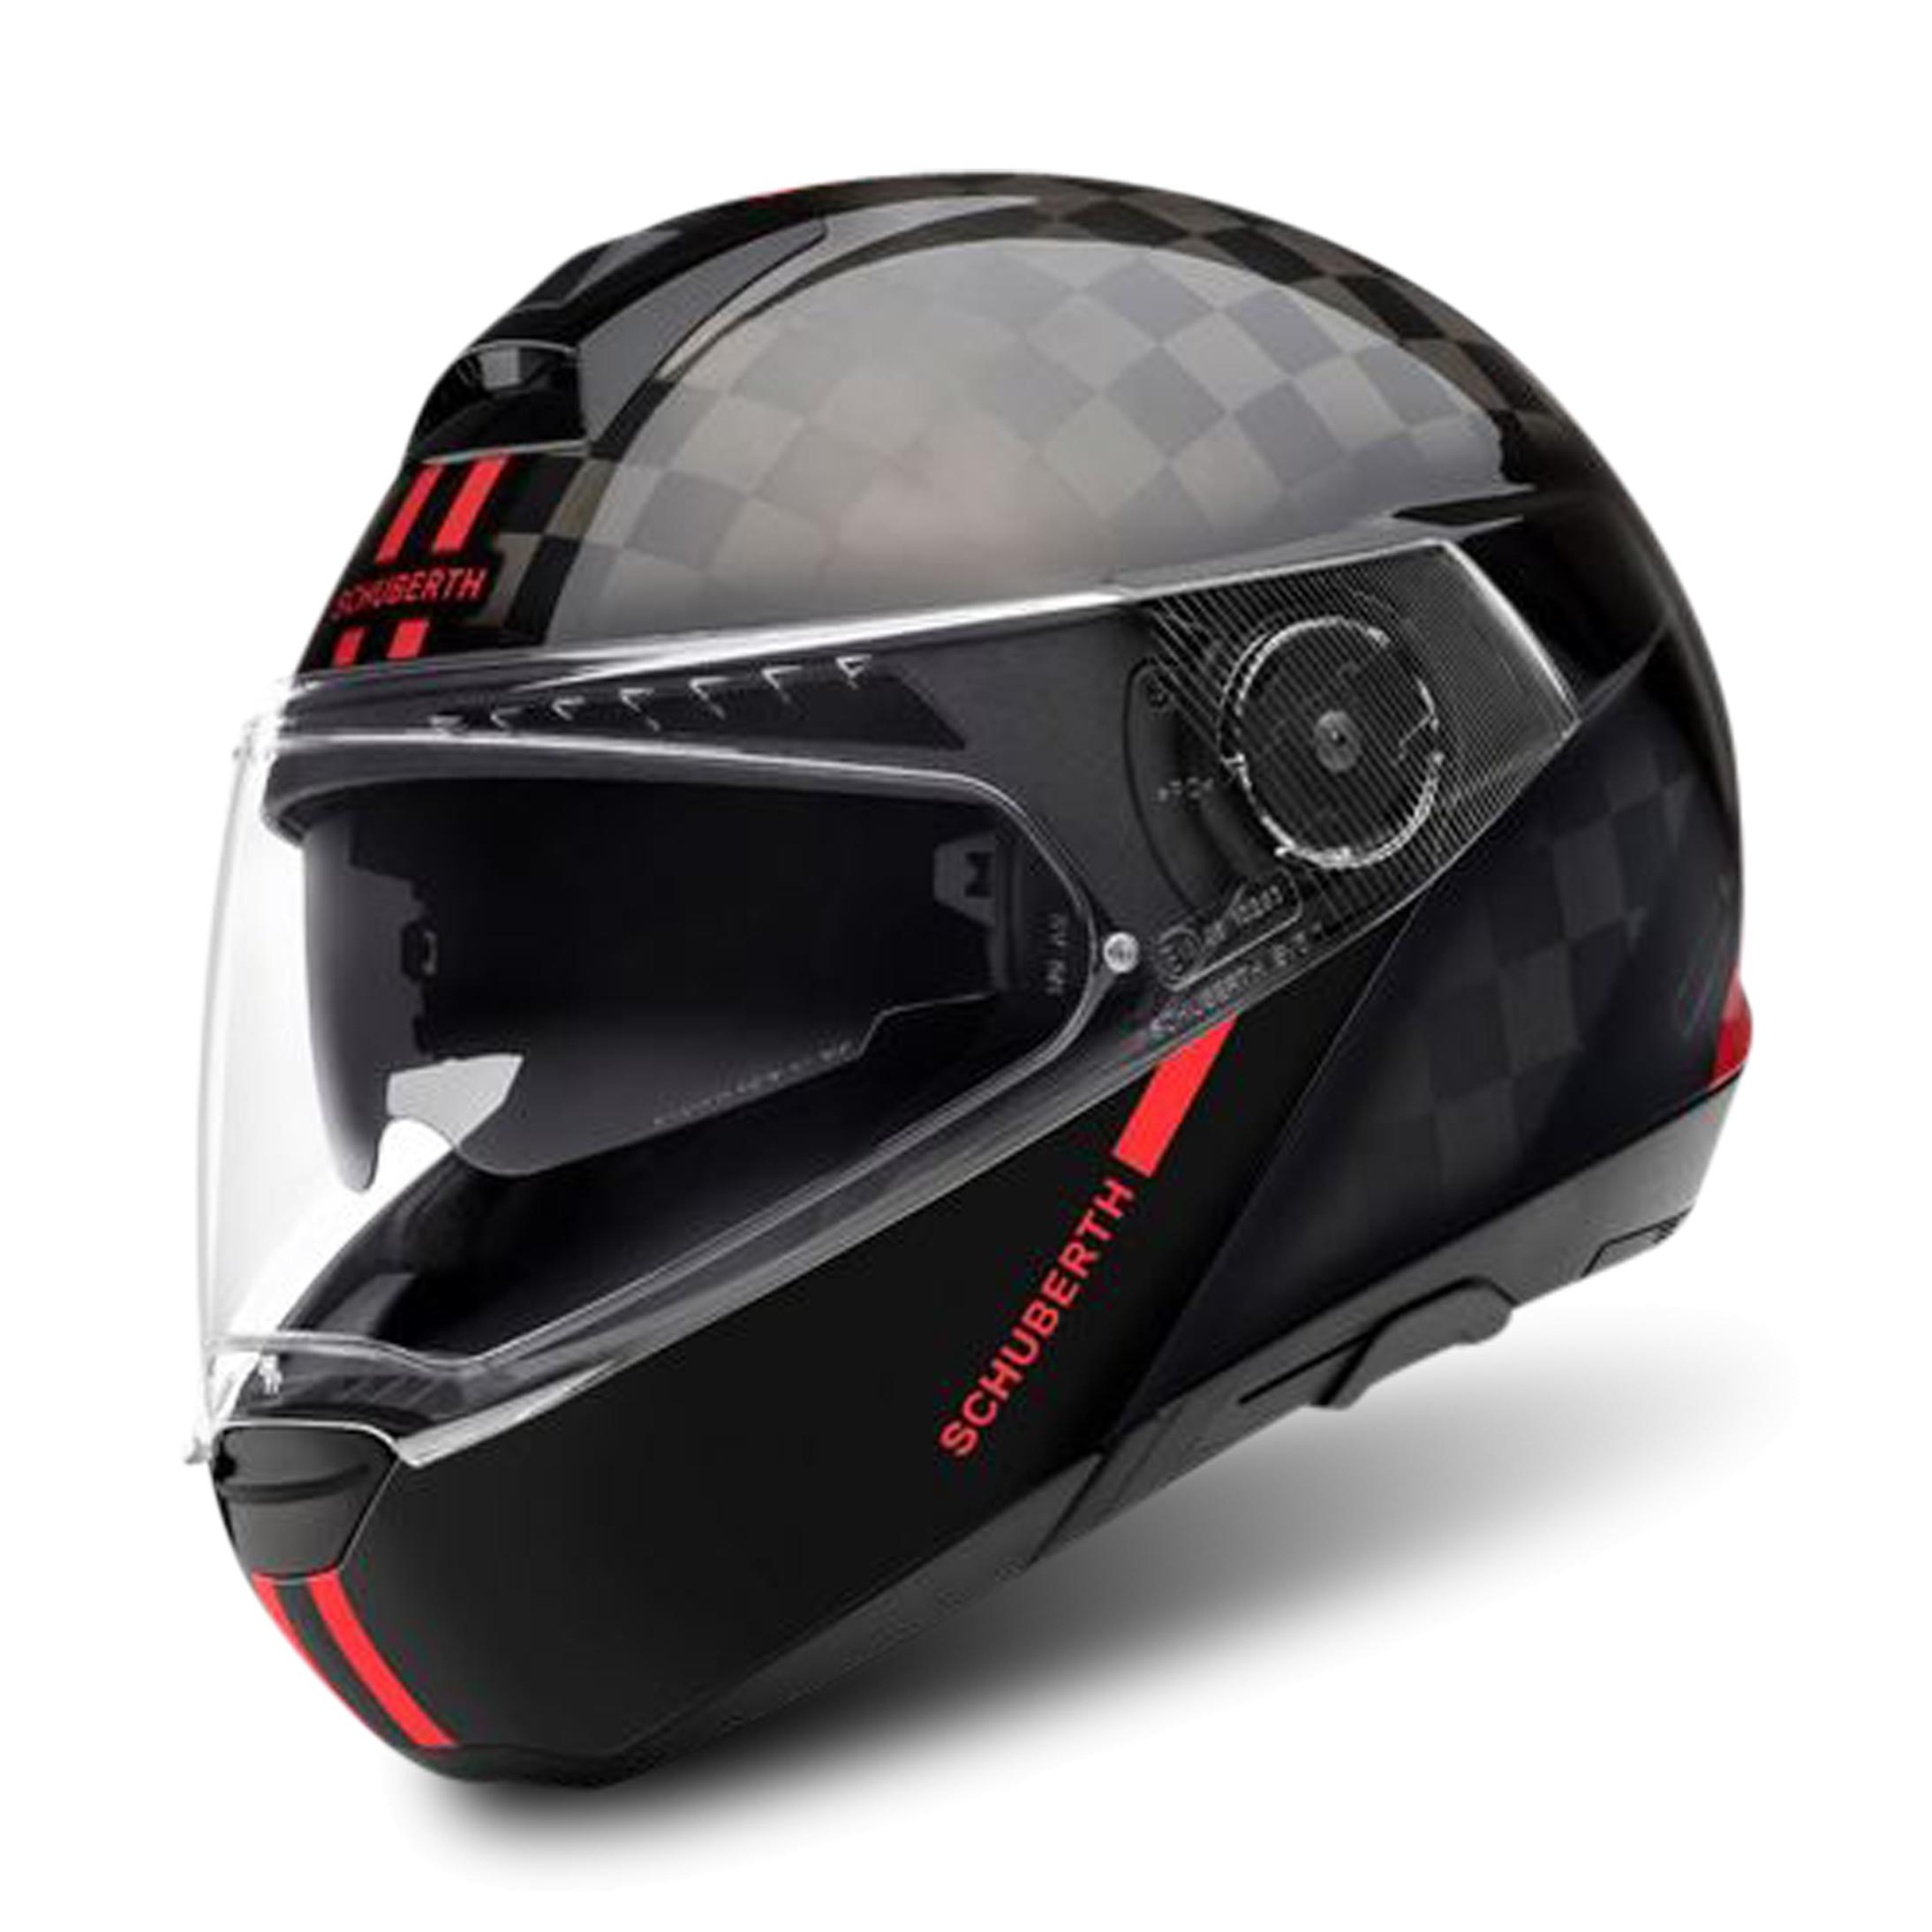 schuberth casco modulare  c4 pro carbon fusion nero-rosso